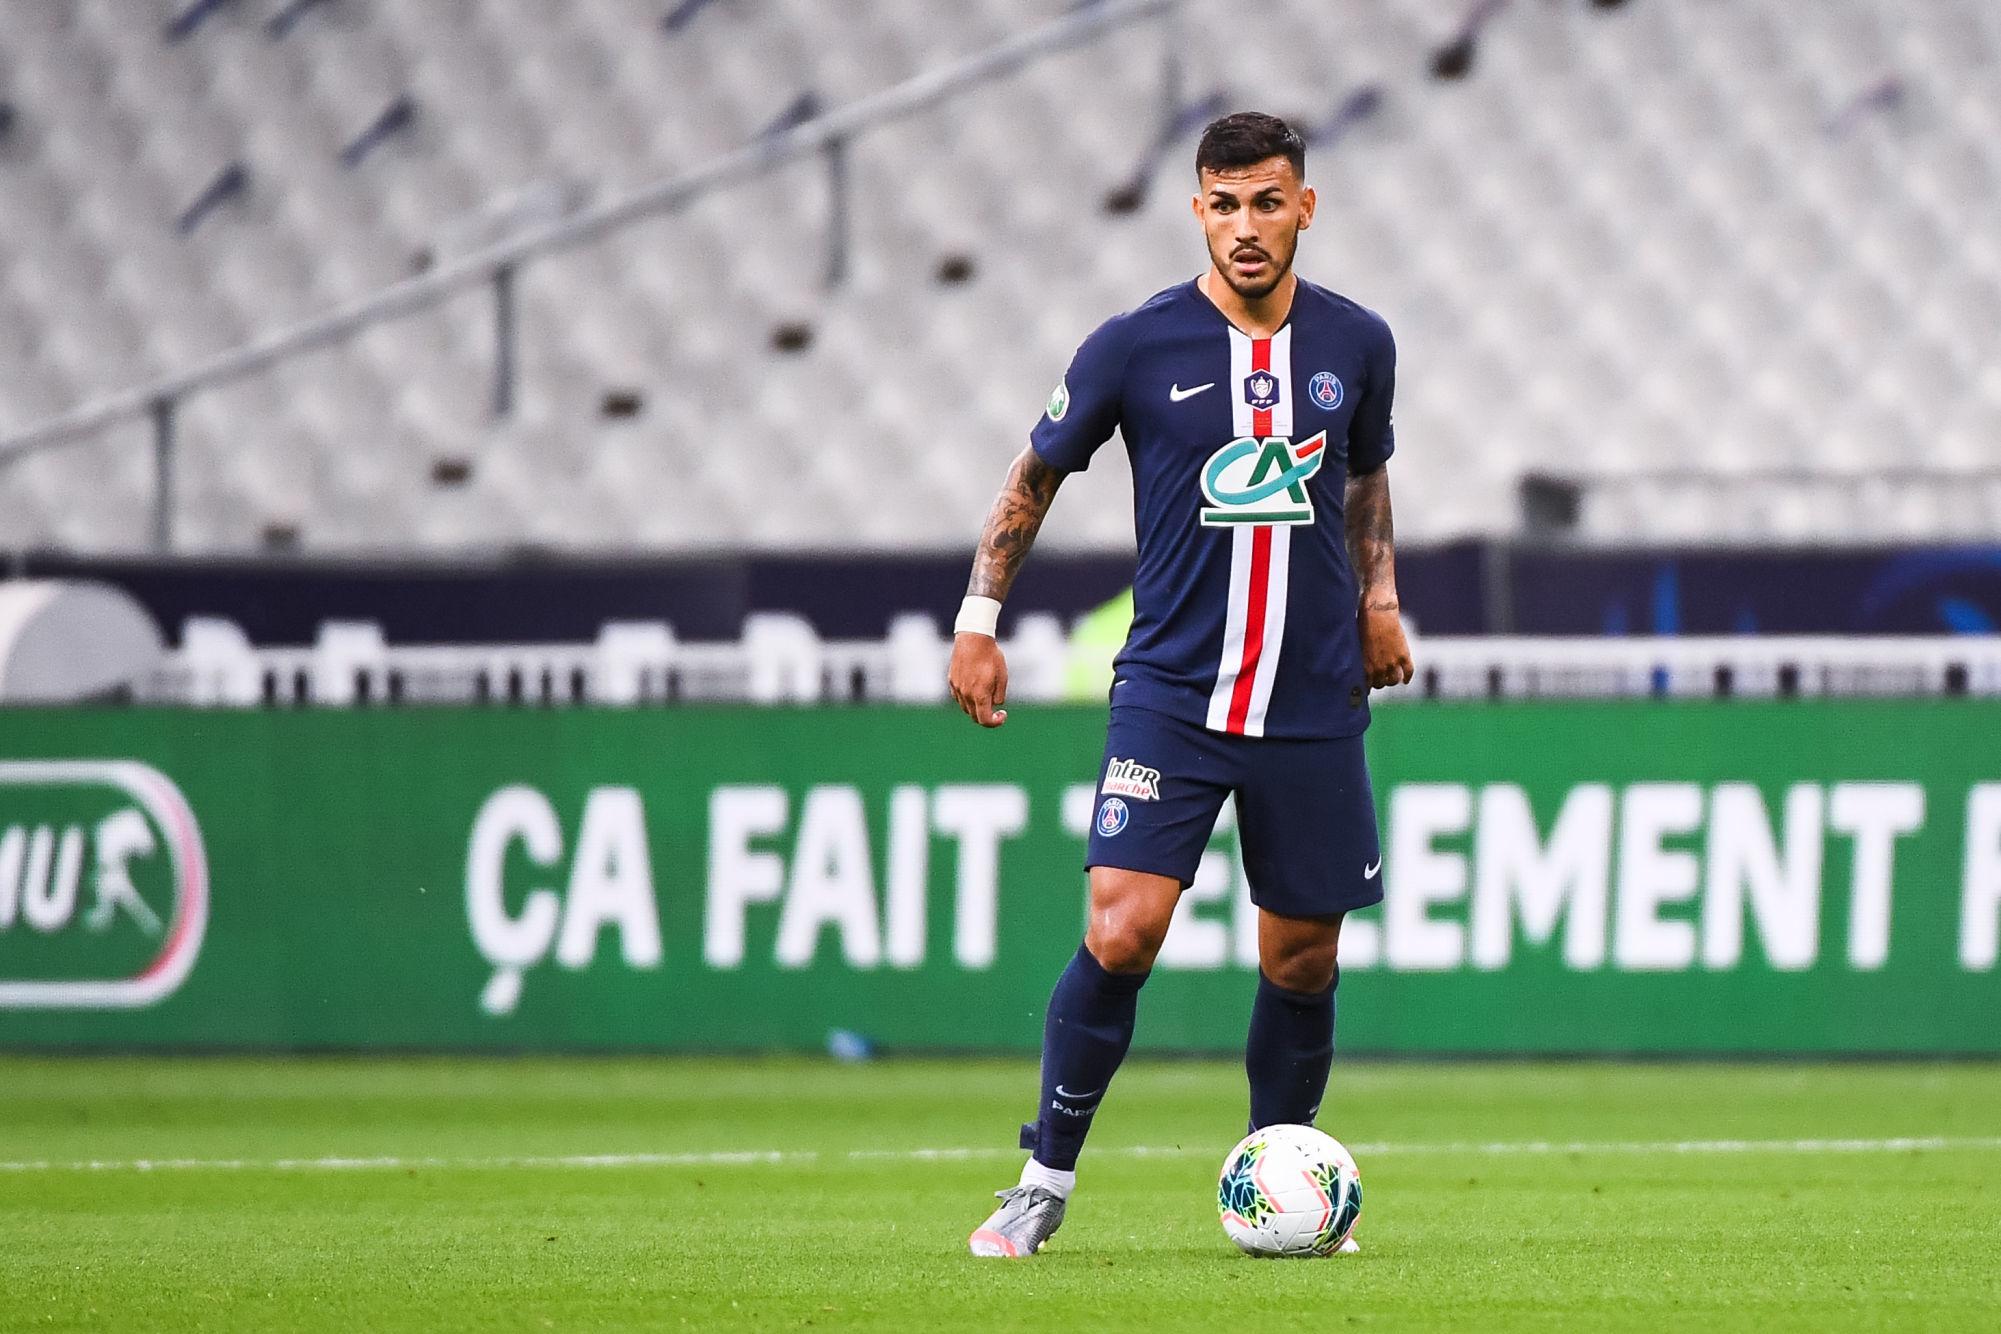 Paredes revient sur la finale contre Saint-Étienne, évoque sa situation au PSG et l'OL